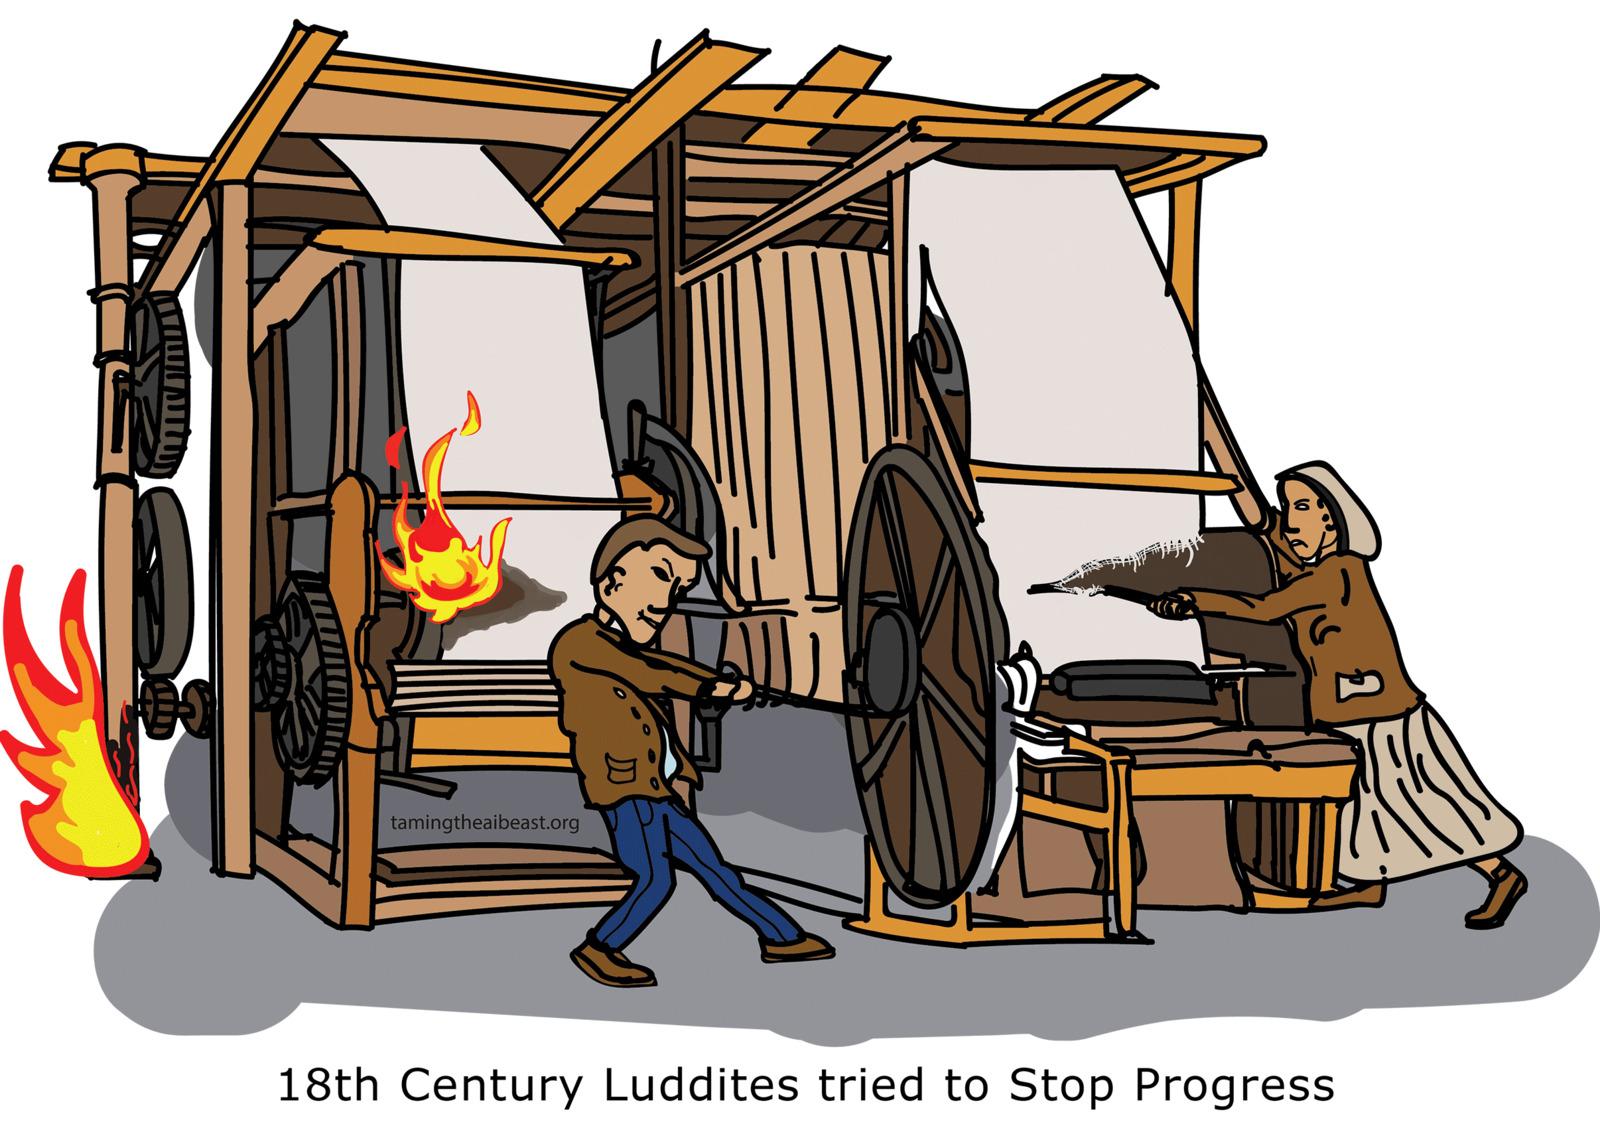 Luddites destroying a loom